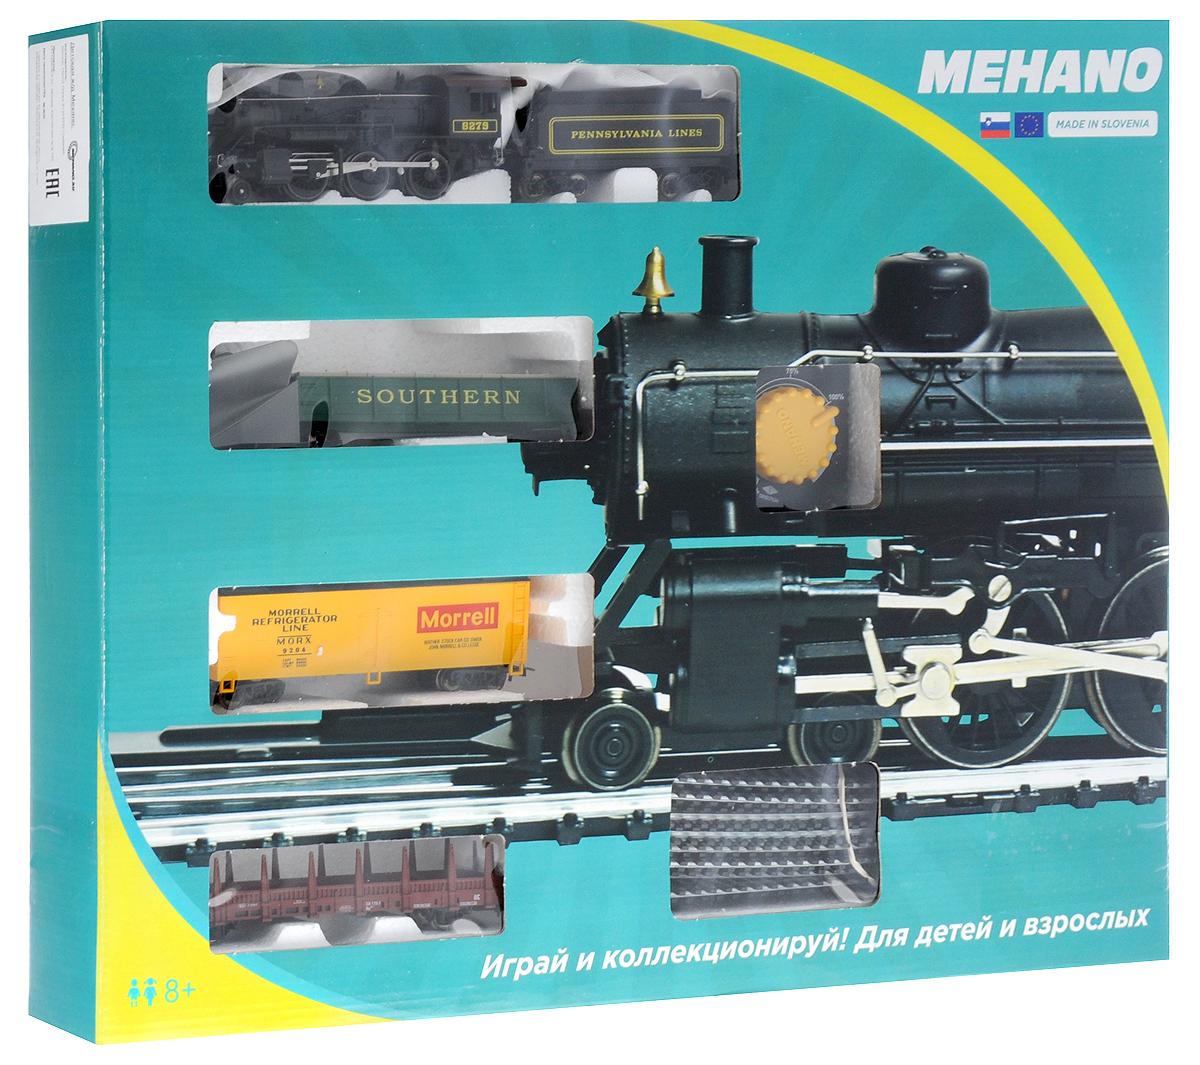 Mehano Железная дорога Hobby Mogul с паровозом Pennsylvania Lines 8279PR02-002Железная дорога Mehano - миниатюрная копия грузового состава. Мельчайшие детали паровозов, тепловозов и грузовых вагонов, каждая рельефная линия экстерьера тщательно проработаны, благодаря чему состав выглядит более чем реально. Можно вообразить, как этот состав загрузили где-то на миниатюрном перевалочном пункте, а затем он аккуратно вез свой груз по длинным разветвленным путям… Воплотить воображаемое в действительность очень легко: при желании железнодорожное полотно можно увеличить и добавить элементы ландшафта, ведь все элементы железных дорог Mehano совместимы друг с другом. При желании, можно докупить стрелку, перекресток и состав может двигаться на другие участки железной дороги. Рельсы металлические, колеса паровозов и вагонов выполнены из металла. Все элементы комплекта совместимы с другими сборными моделями железной дороги Mehano, так что юный машинист сможет прокладывать различные маршруты, строить новые станции и придумывать неповторимый, свой собственный...